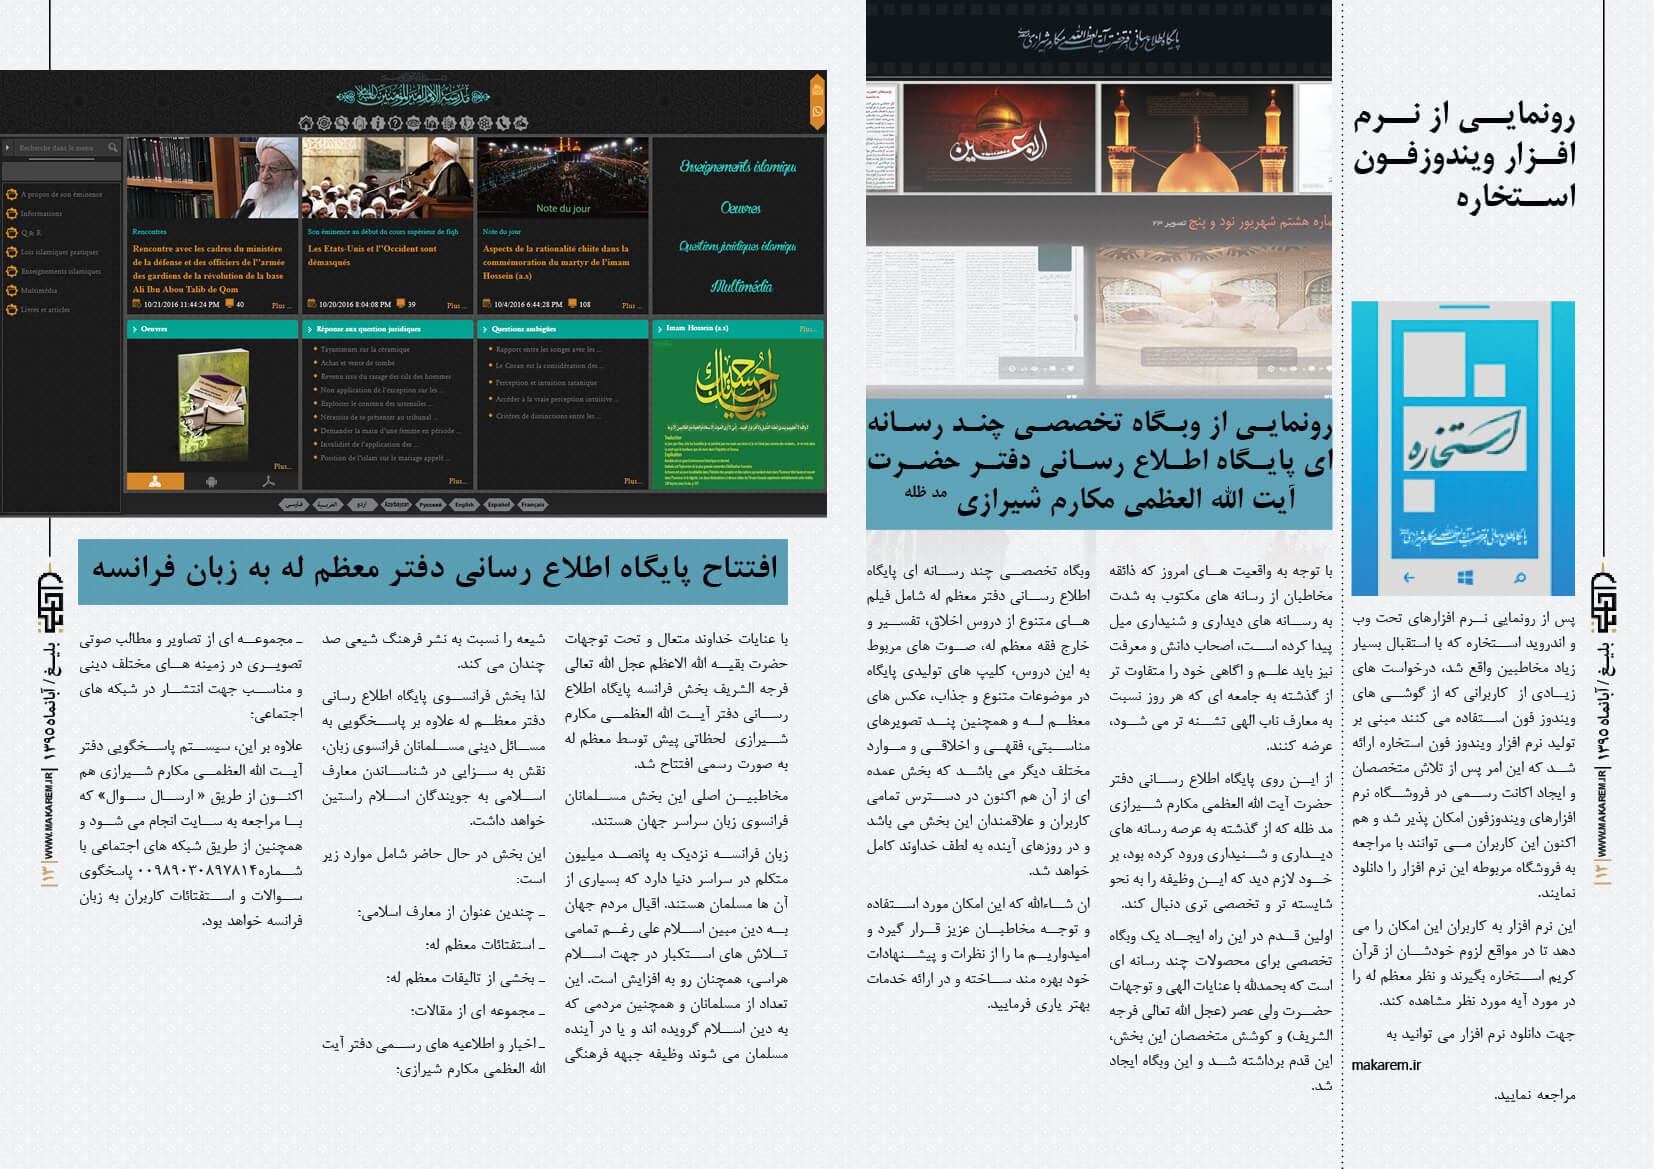 رونمایی از نرم افزار ویندوزفون استخاره - رونمایی از وبگاه تخصصی چند رسانه ای - افتتاح زبان فرانسه پایگاه-مدرسه الامام امیر المومنین (ع)